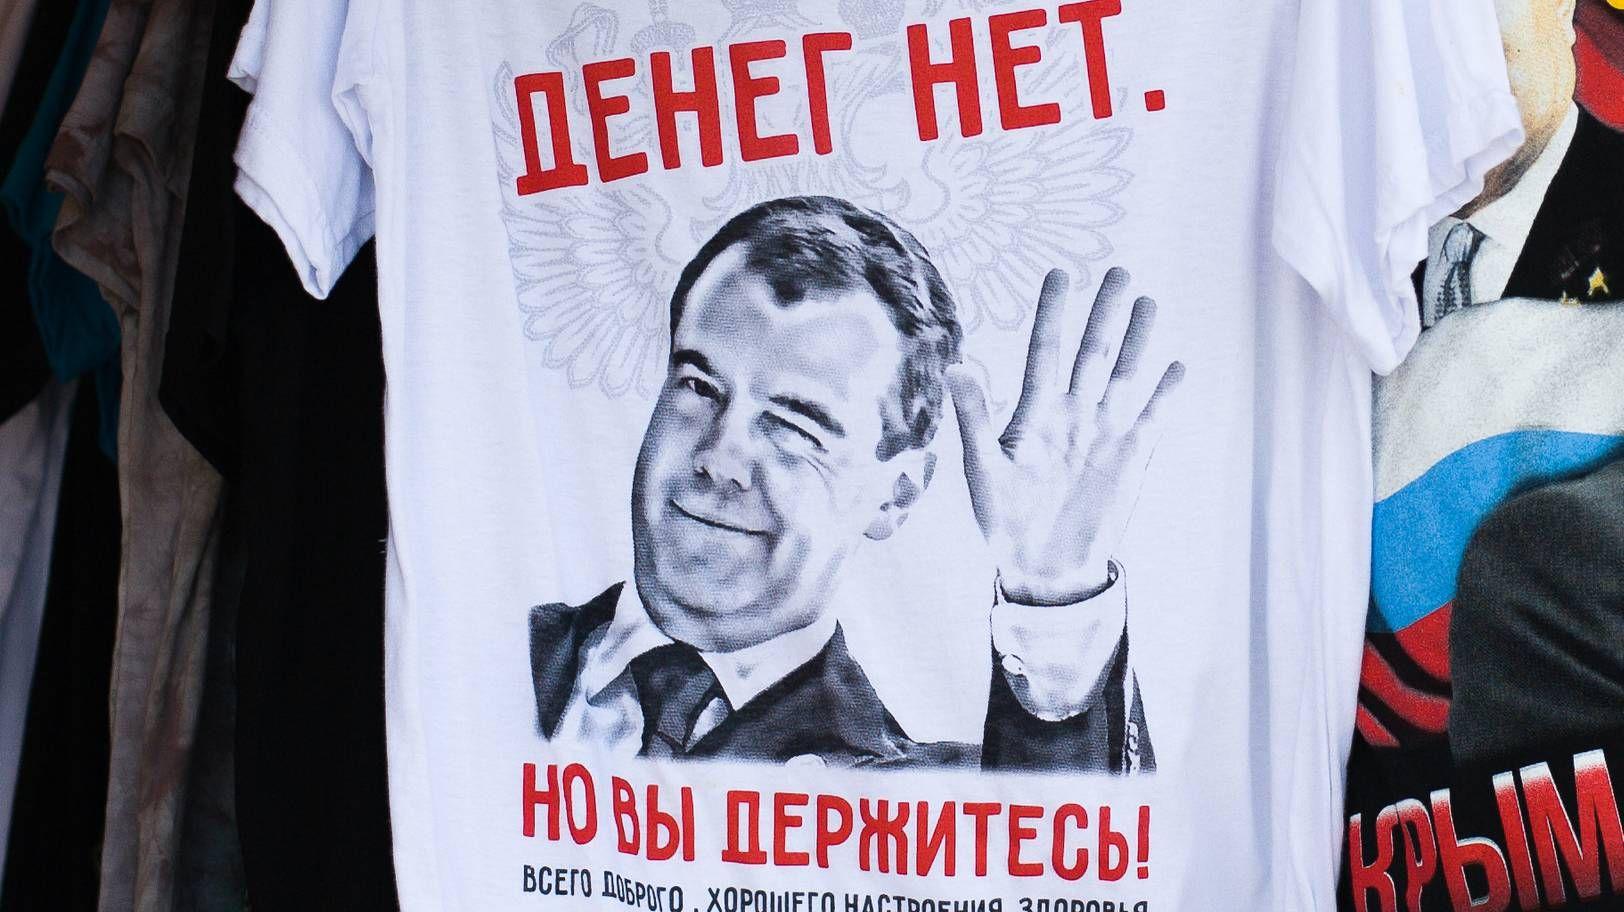 Изображение Дмитрия Анатольевича на футболке